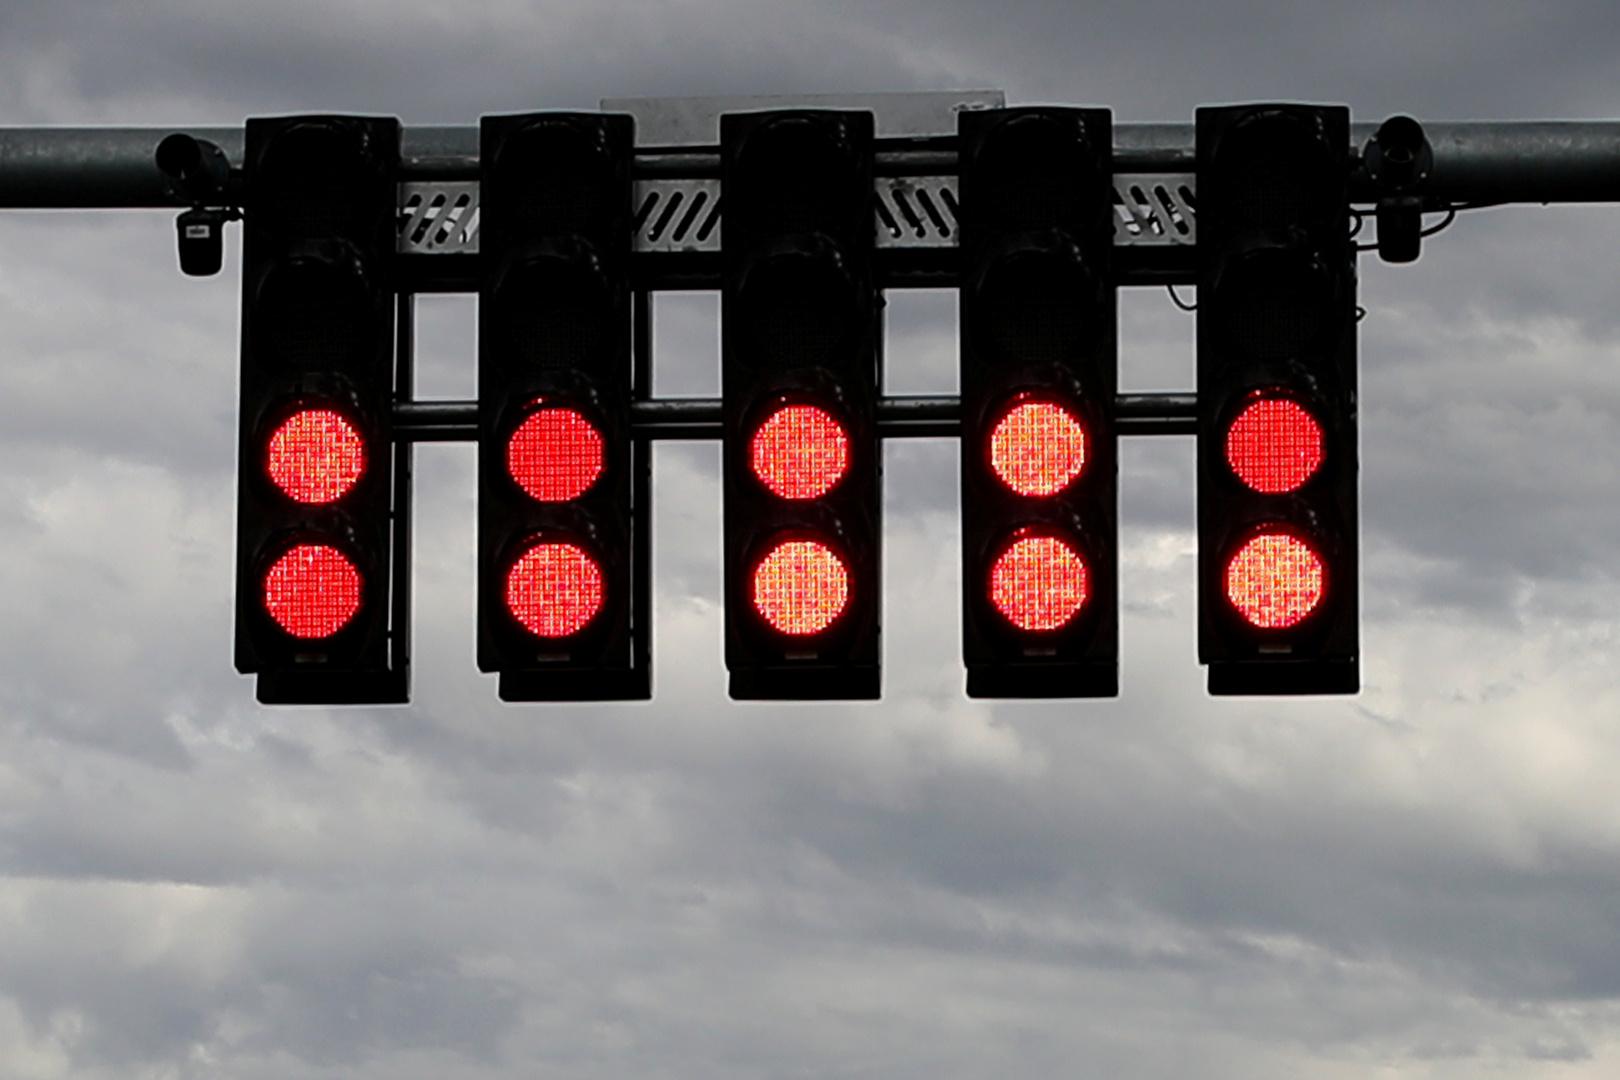 أستراليا قد تبقي إجراءات مكافحة تفشي كورونا عاما آخر